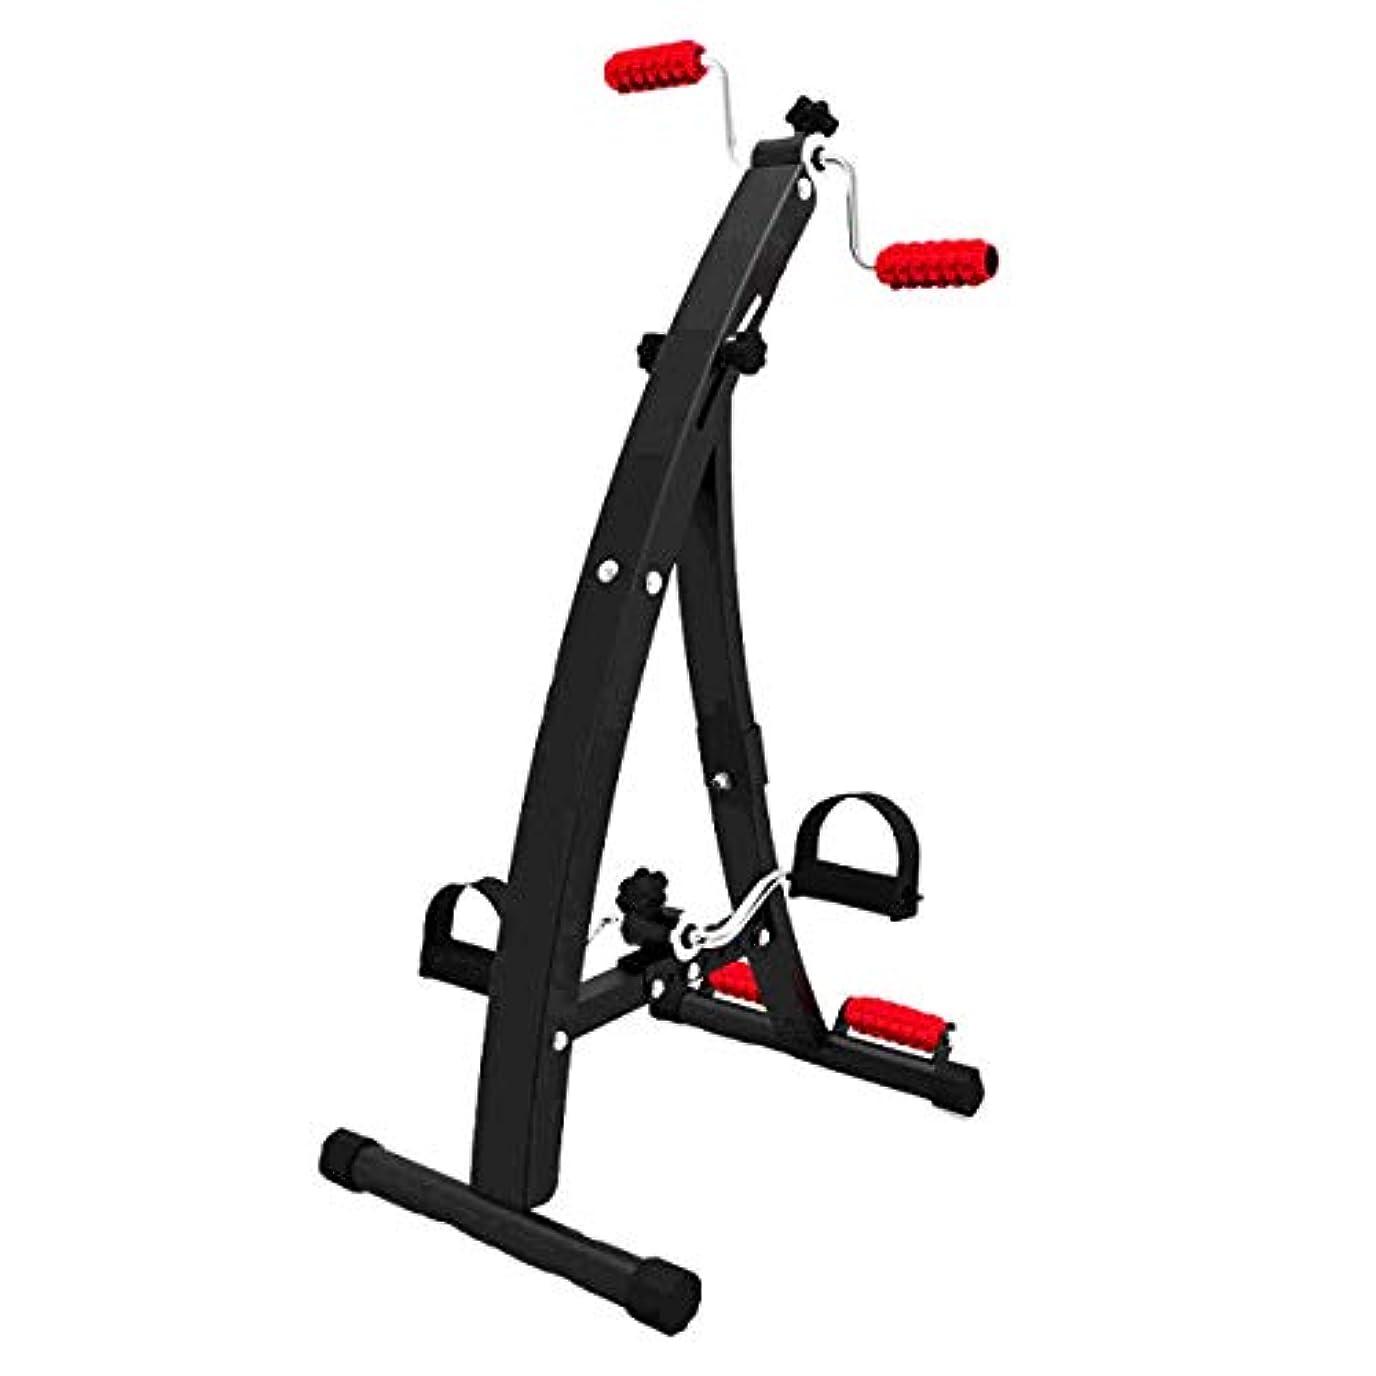 キルス束受取人ペダルエクササイザー、医療リハビリテーション体操上肢および下肢のトレーニング機器、筋萎縮リハビリテーション訓練を防ぐ,A